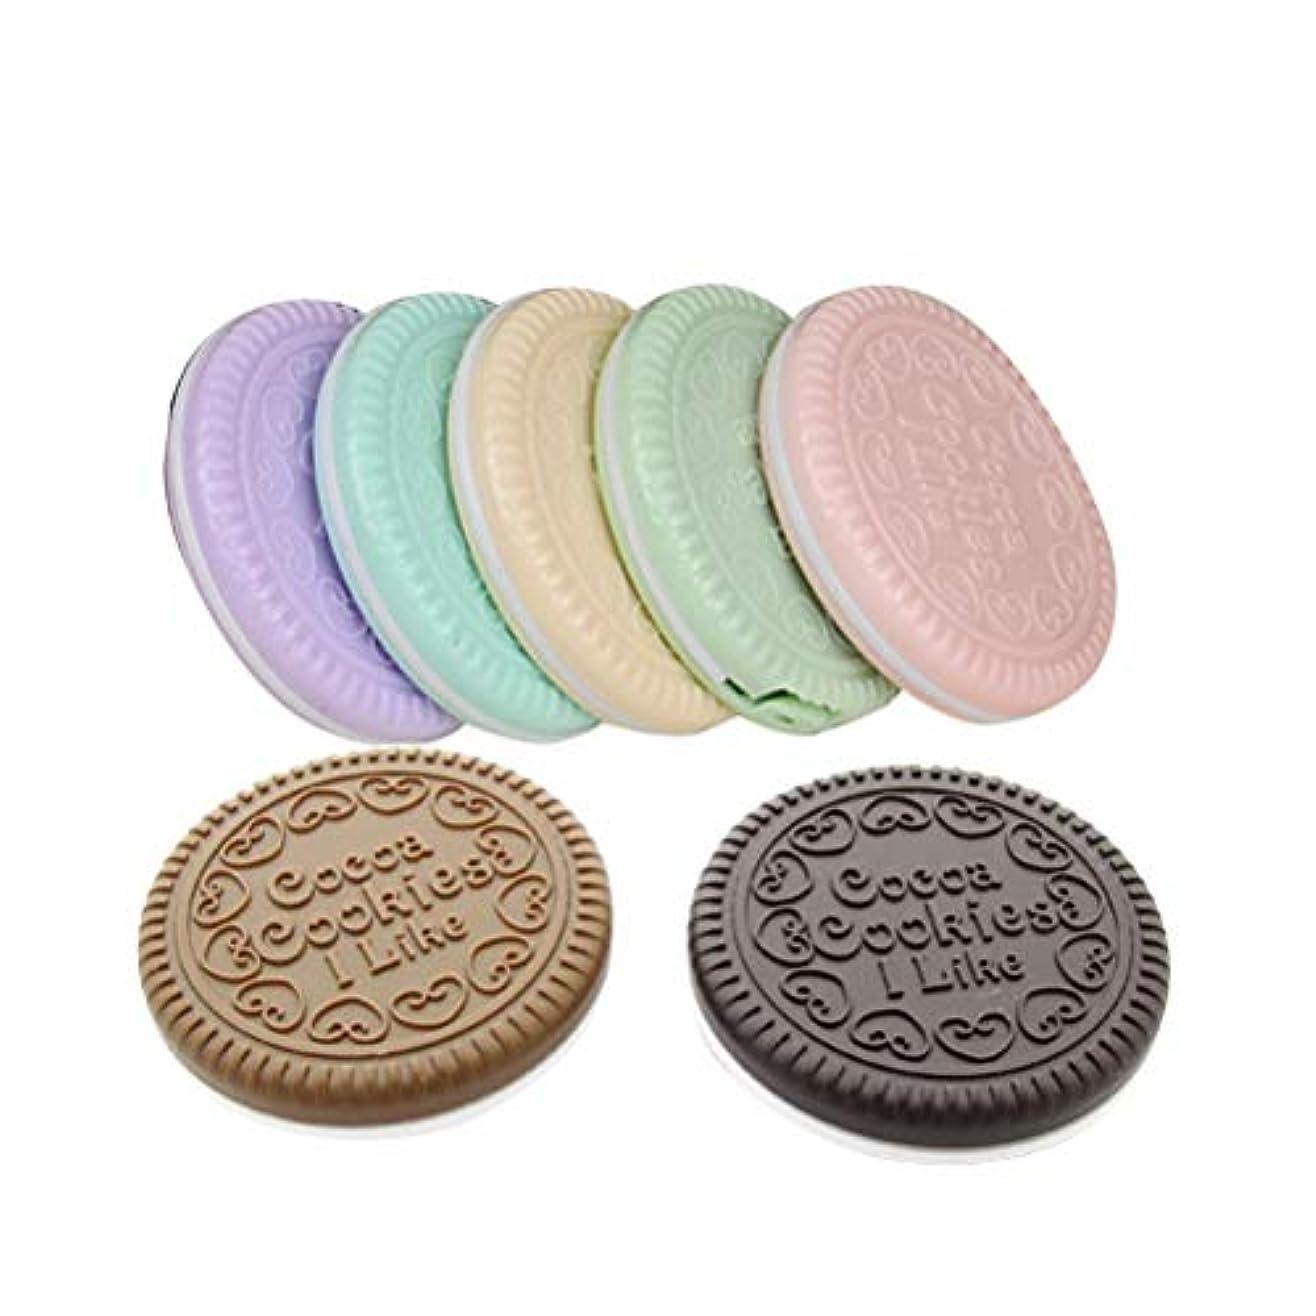 パイル海里多様性Beaupretty 7ピースチョコレートクッキーコンパクトミラーポータブル化粧鏡かわいい装飾ミラー用櫛女性女の子レディース